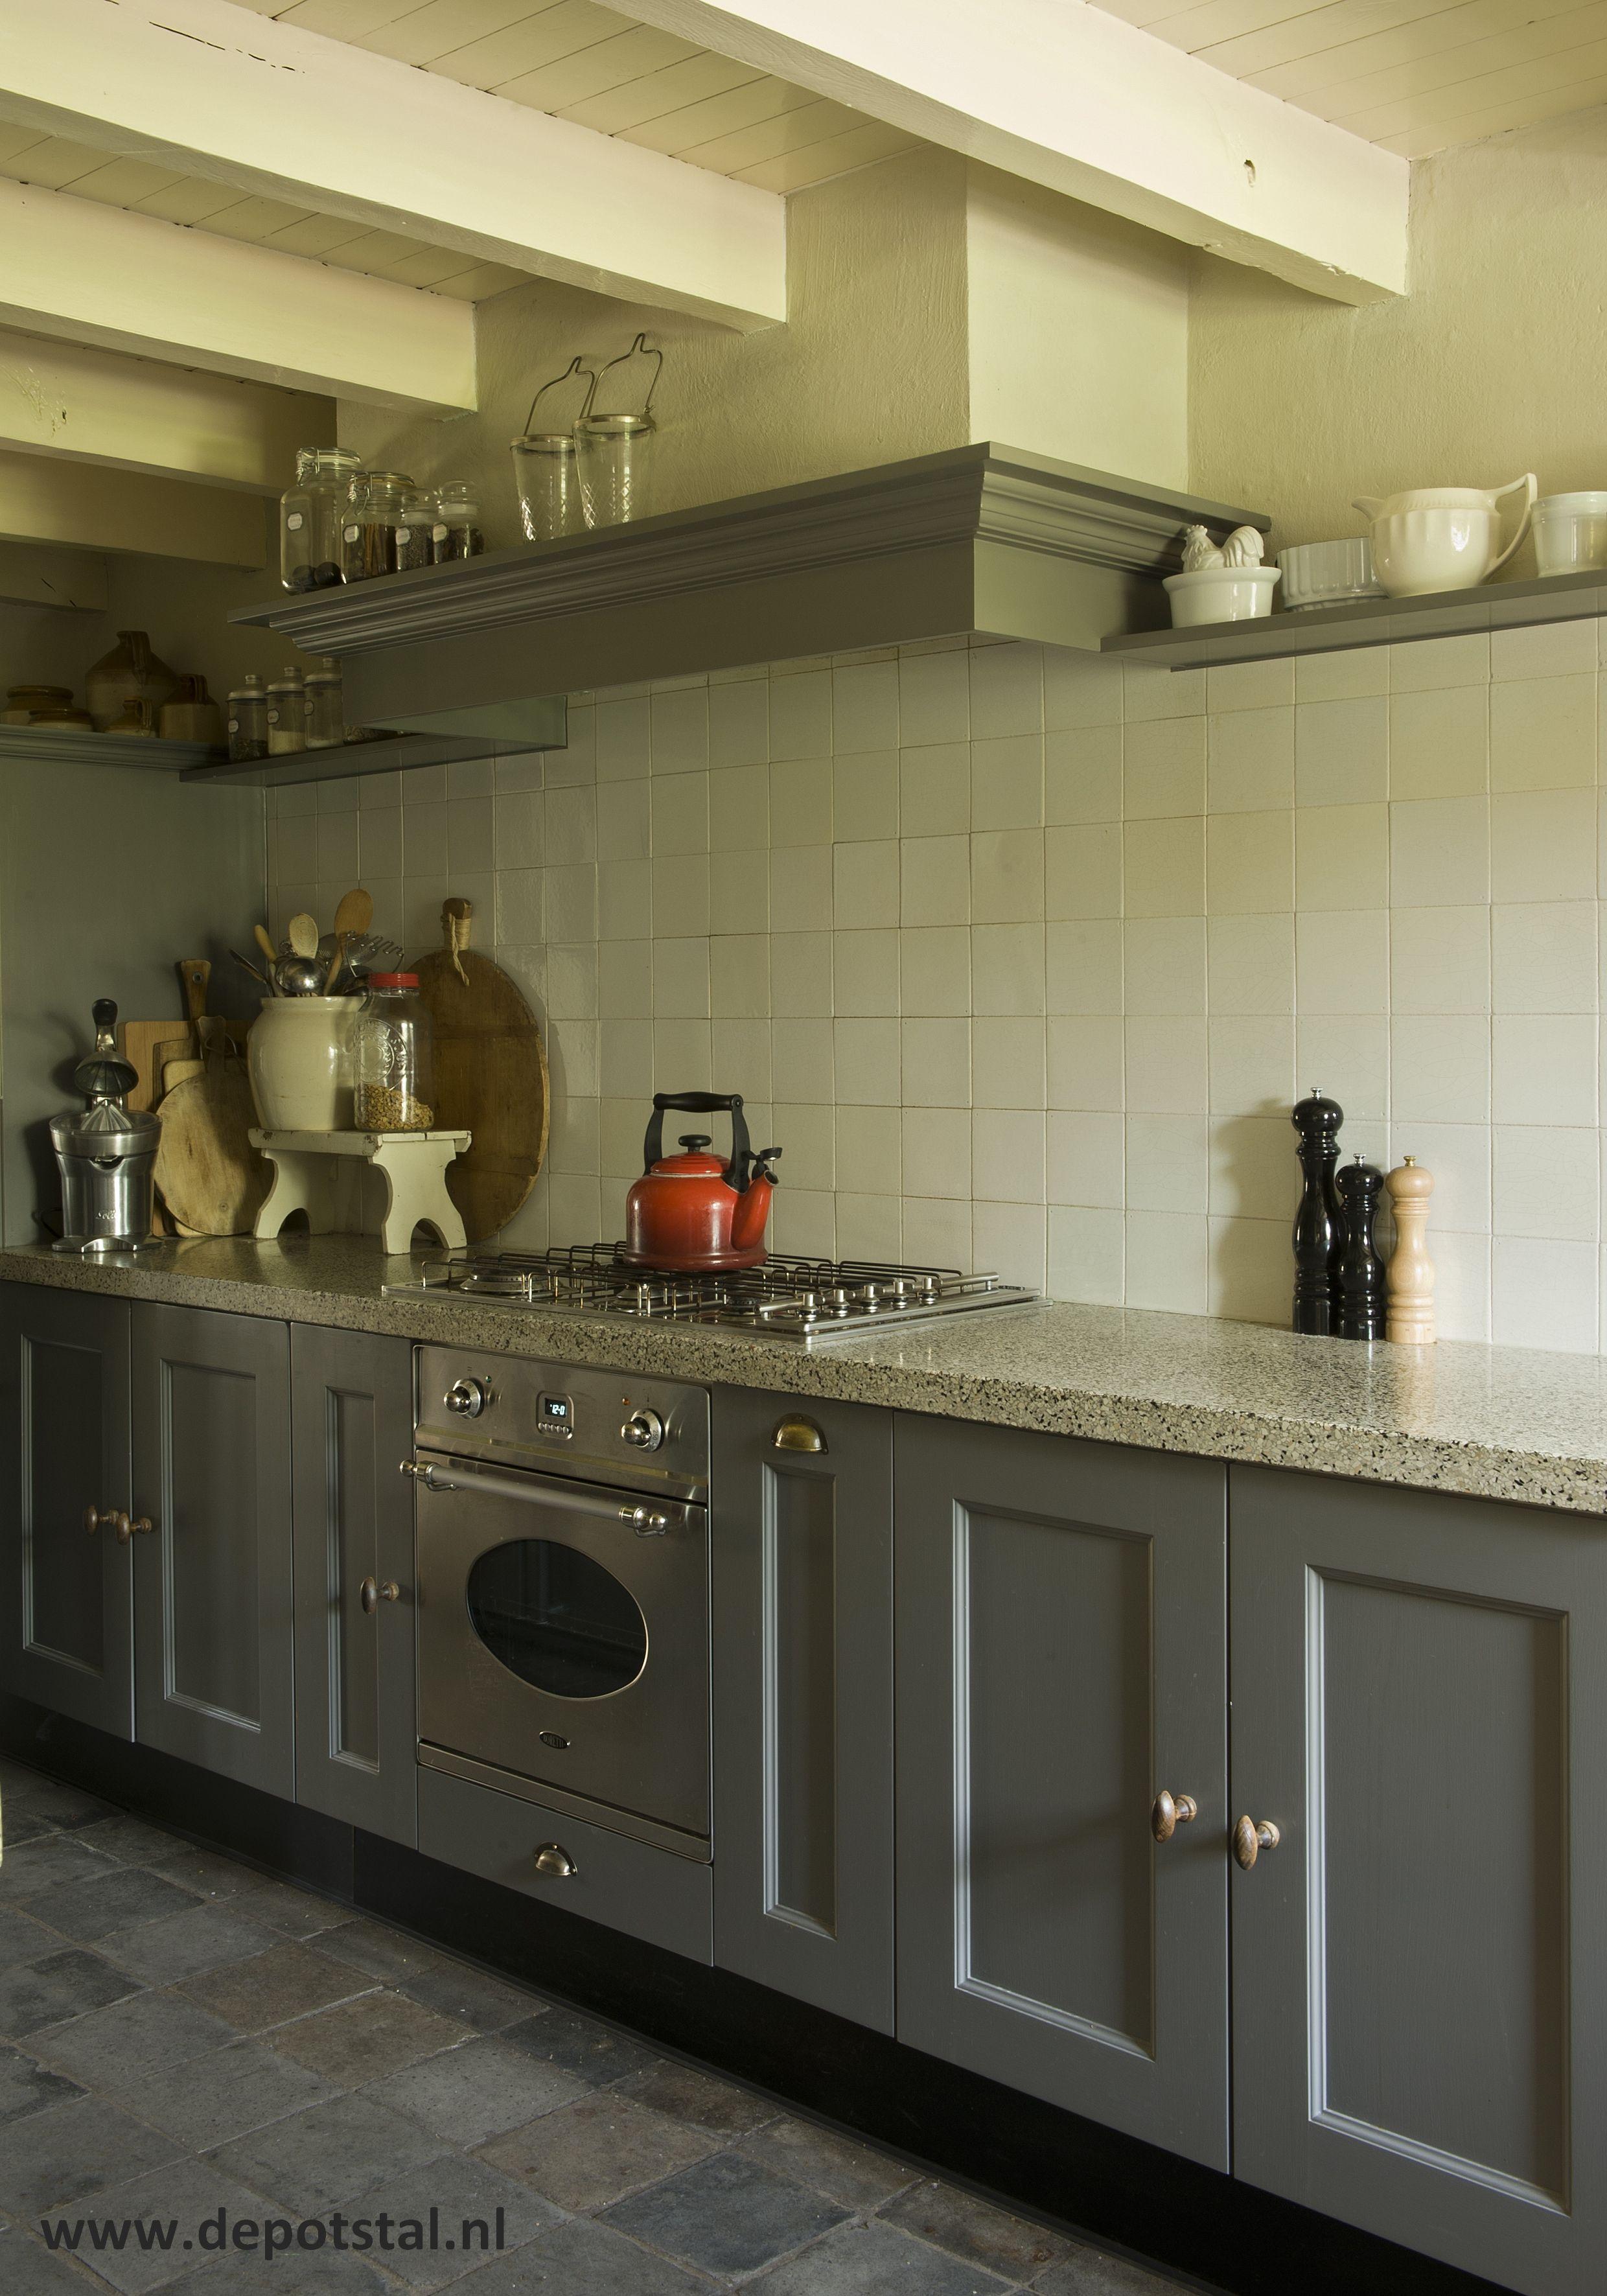 Keuken landelijke stijl accessoires en verf van pure and for Landelijke accessoires